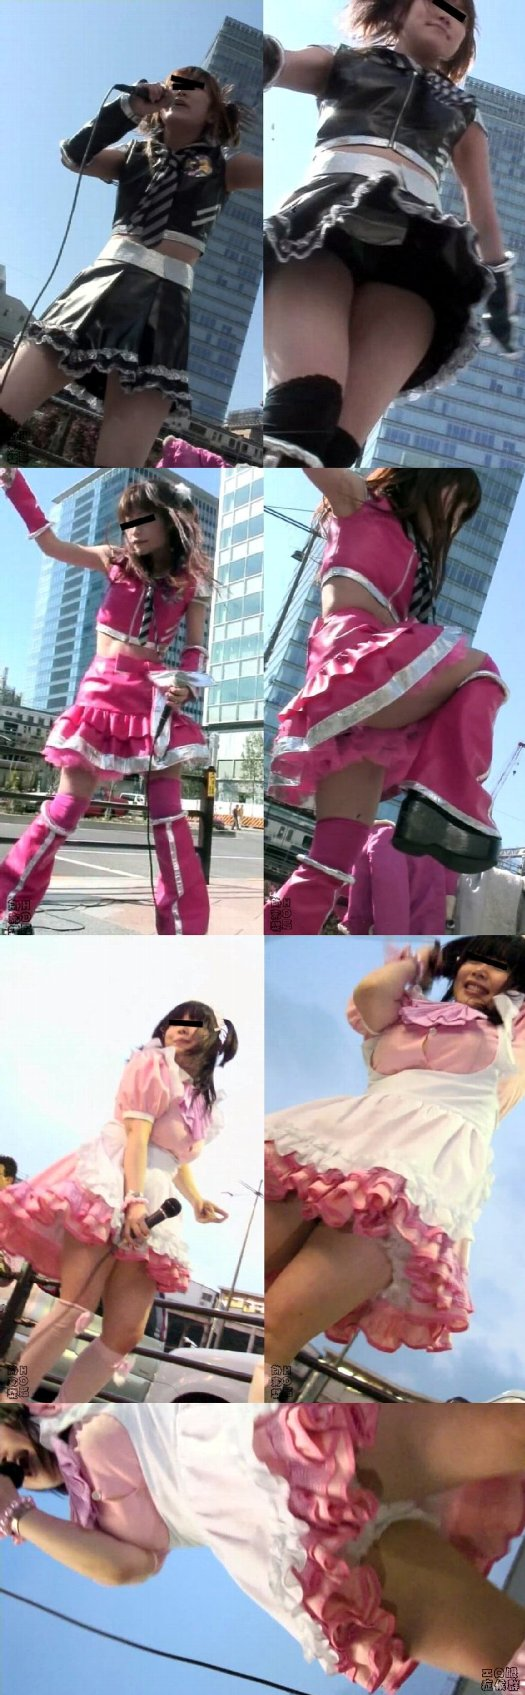 潜入地下アイドル フリーライブ最前張り付き映像01